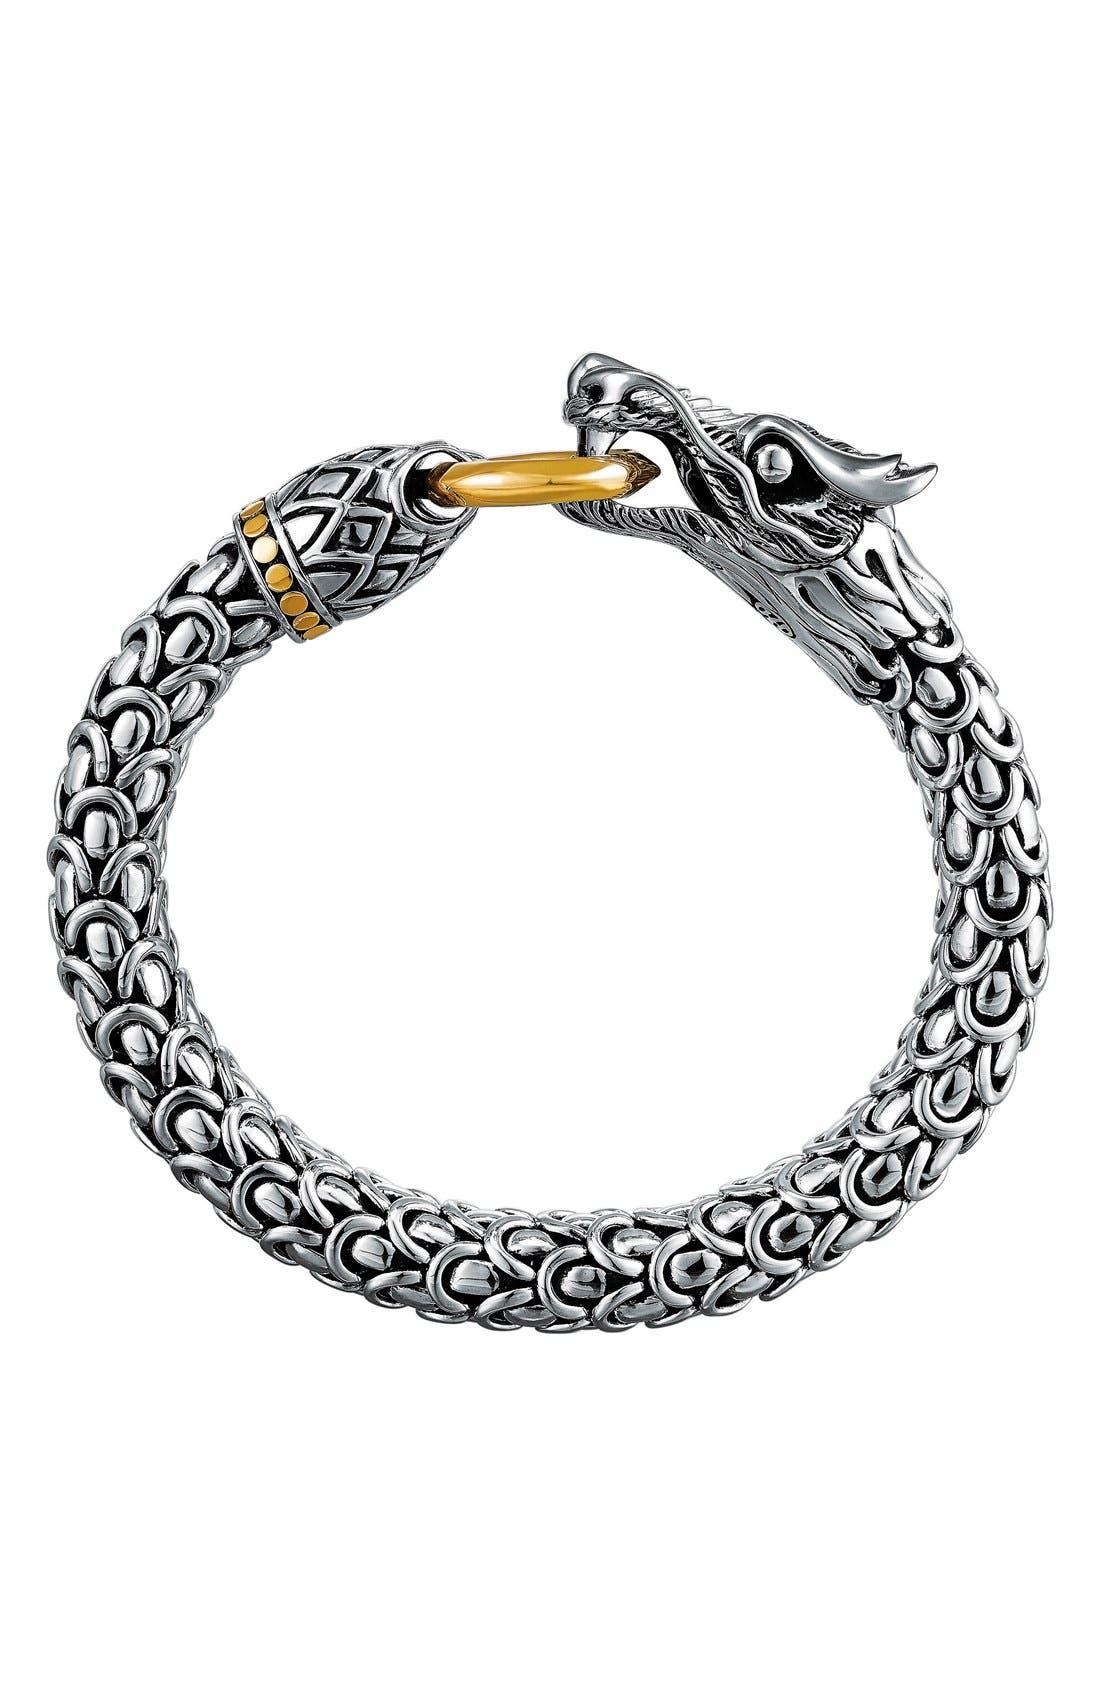 'Naga' Dragon Bracelet,                             Main thumbnail 1, color,                             040